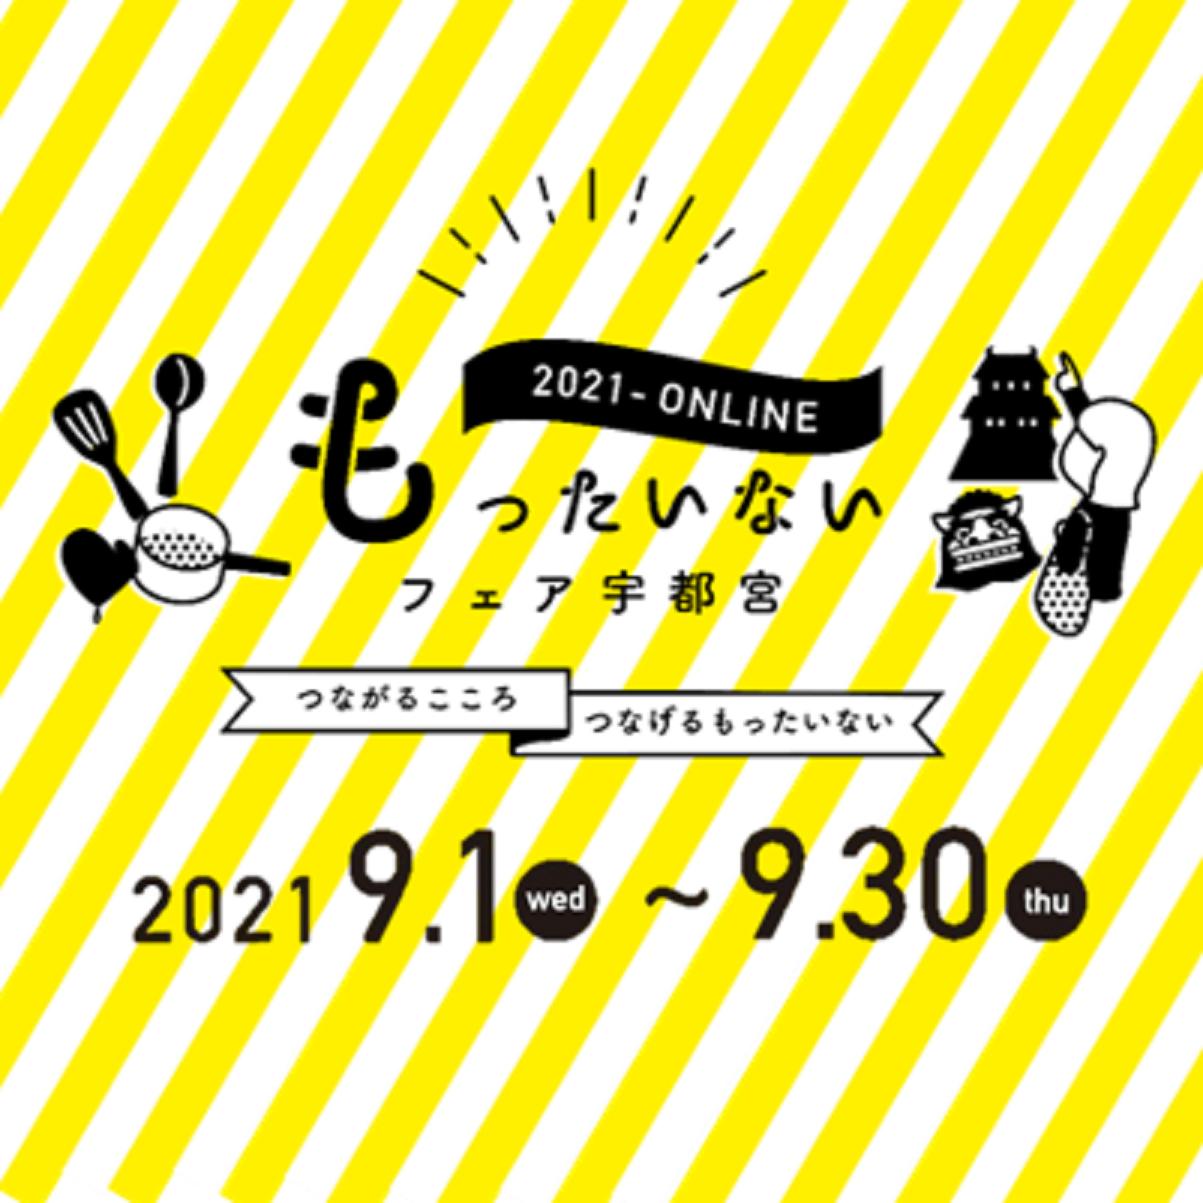 もったいないフェア2021オンラインの詳細を発表!